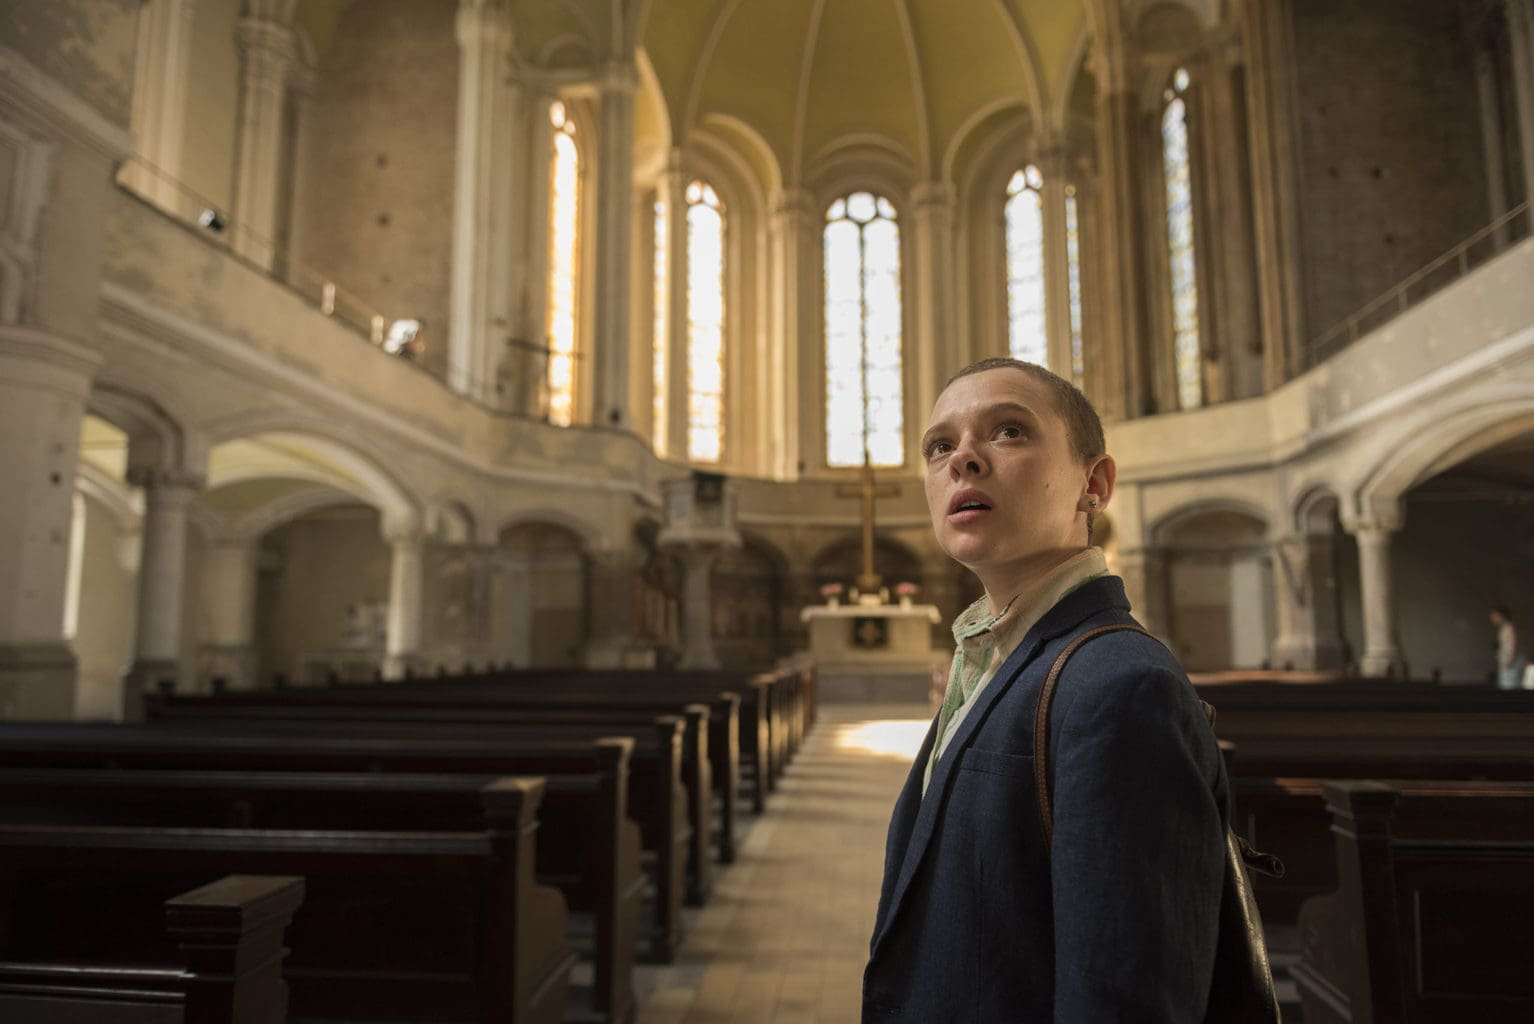 Actrice Shira Haar in een Berlijnse synagoge in Unorthodox, een Netflix-hit uit Duitsland